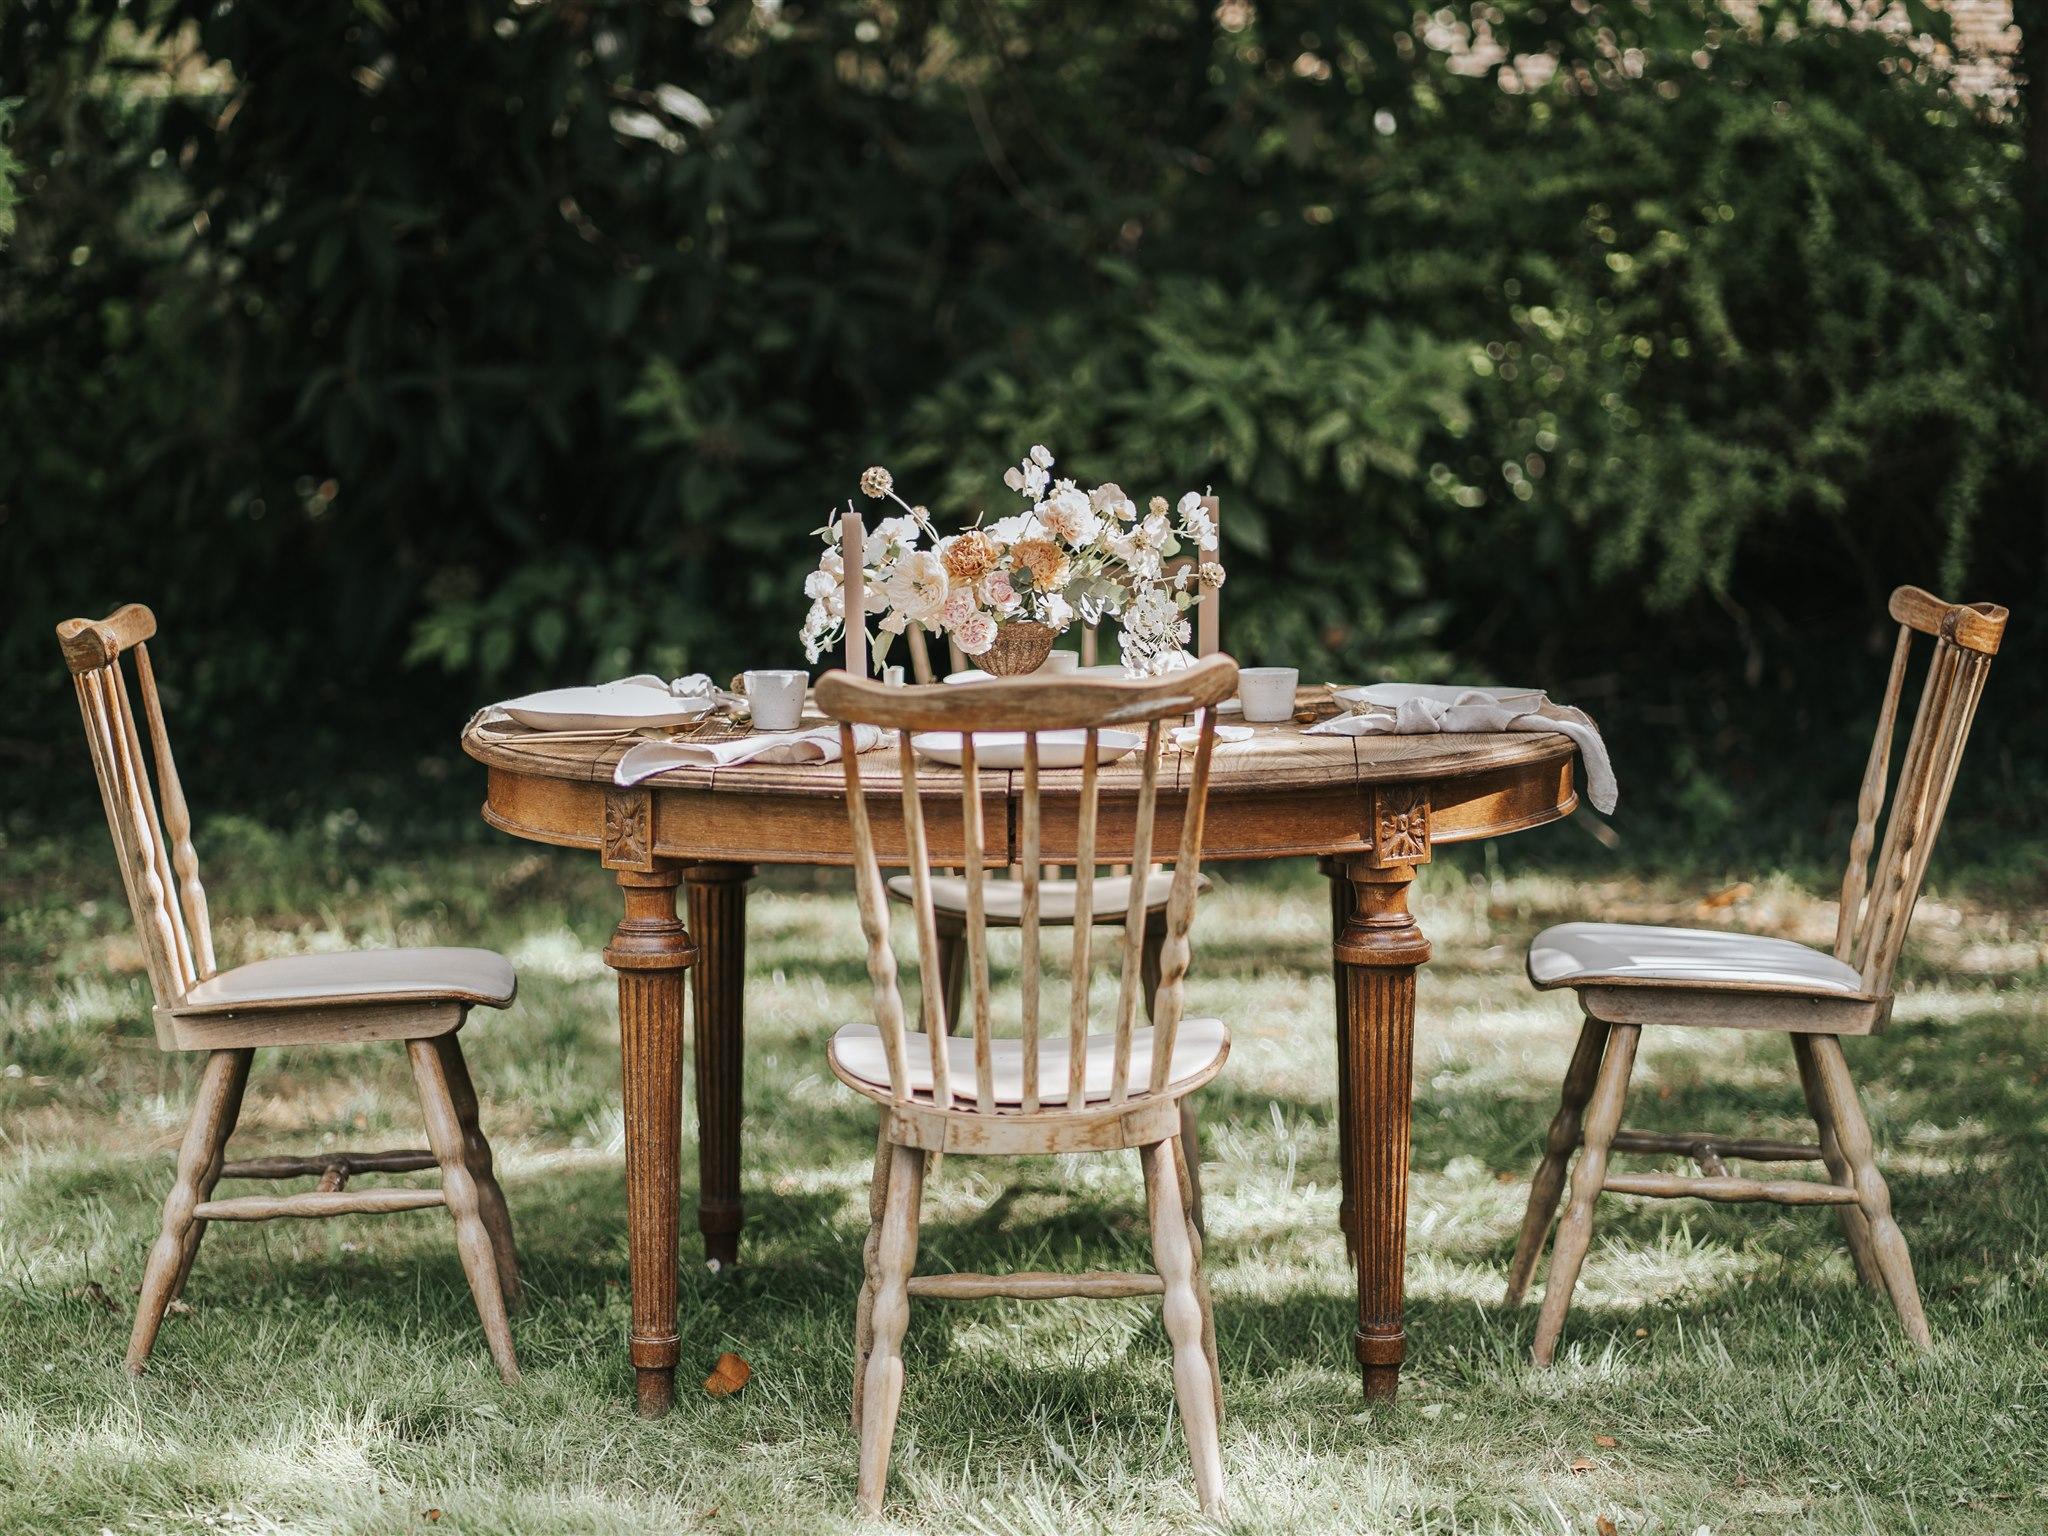 centre de table, stylisme, art de la table, décoratrice Ile de France, wedding designer, floral designer, céramique, mademoiselle constellation, papeterie mariage, mariage minimaliste, mariage moderne, mariage romantique